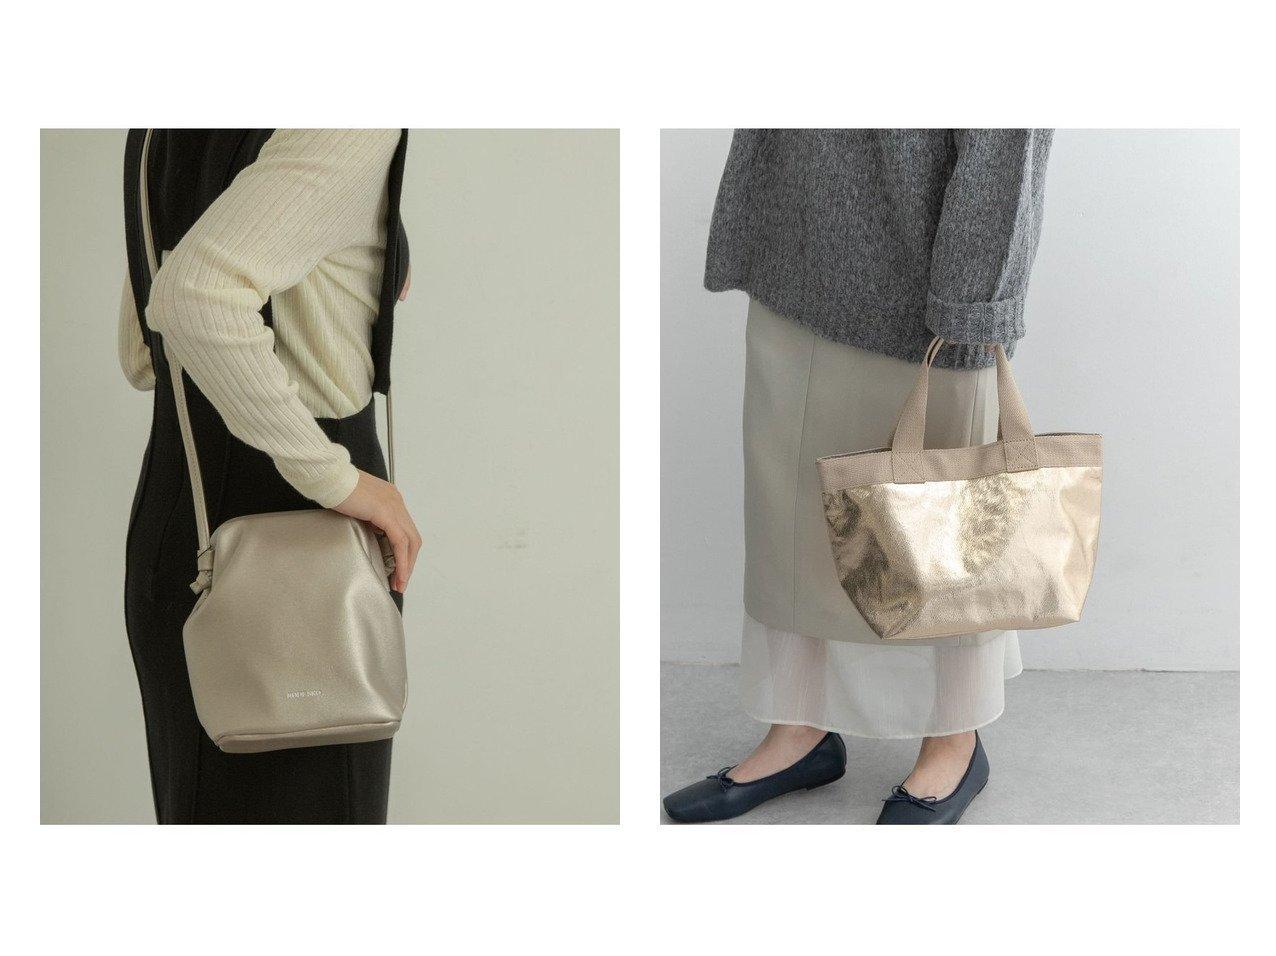 【RODE SKO/ロデスコ】のBLANCA スクエアポーチバッグ&MAINI グリッタートートバッグ バッグ・鞄のおすすめ!人気、トレンド・レディースファッションの通販  おすすめで人気の流行・トレンド、ファッションの通販商品 メンズファッション・キッズファッション・インテリア・家具・レディースファッション・服の通販 founy(ファニー) https://founy.com/ ファッション Fashion レディースファッション WOMEN バッグ Bag ポーチ Pouches ショルダー ワンポイント NEW・新作・新着・新入荷 New Arrivals グリッター |ID:crp329100000009911